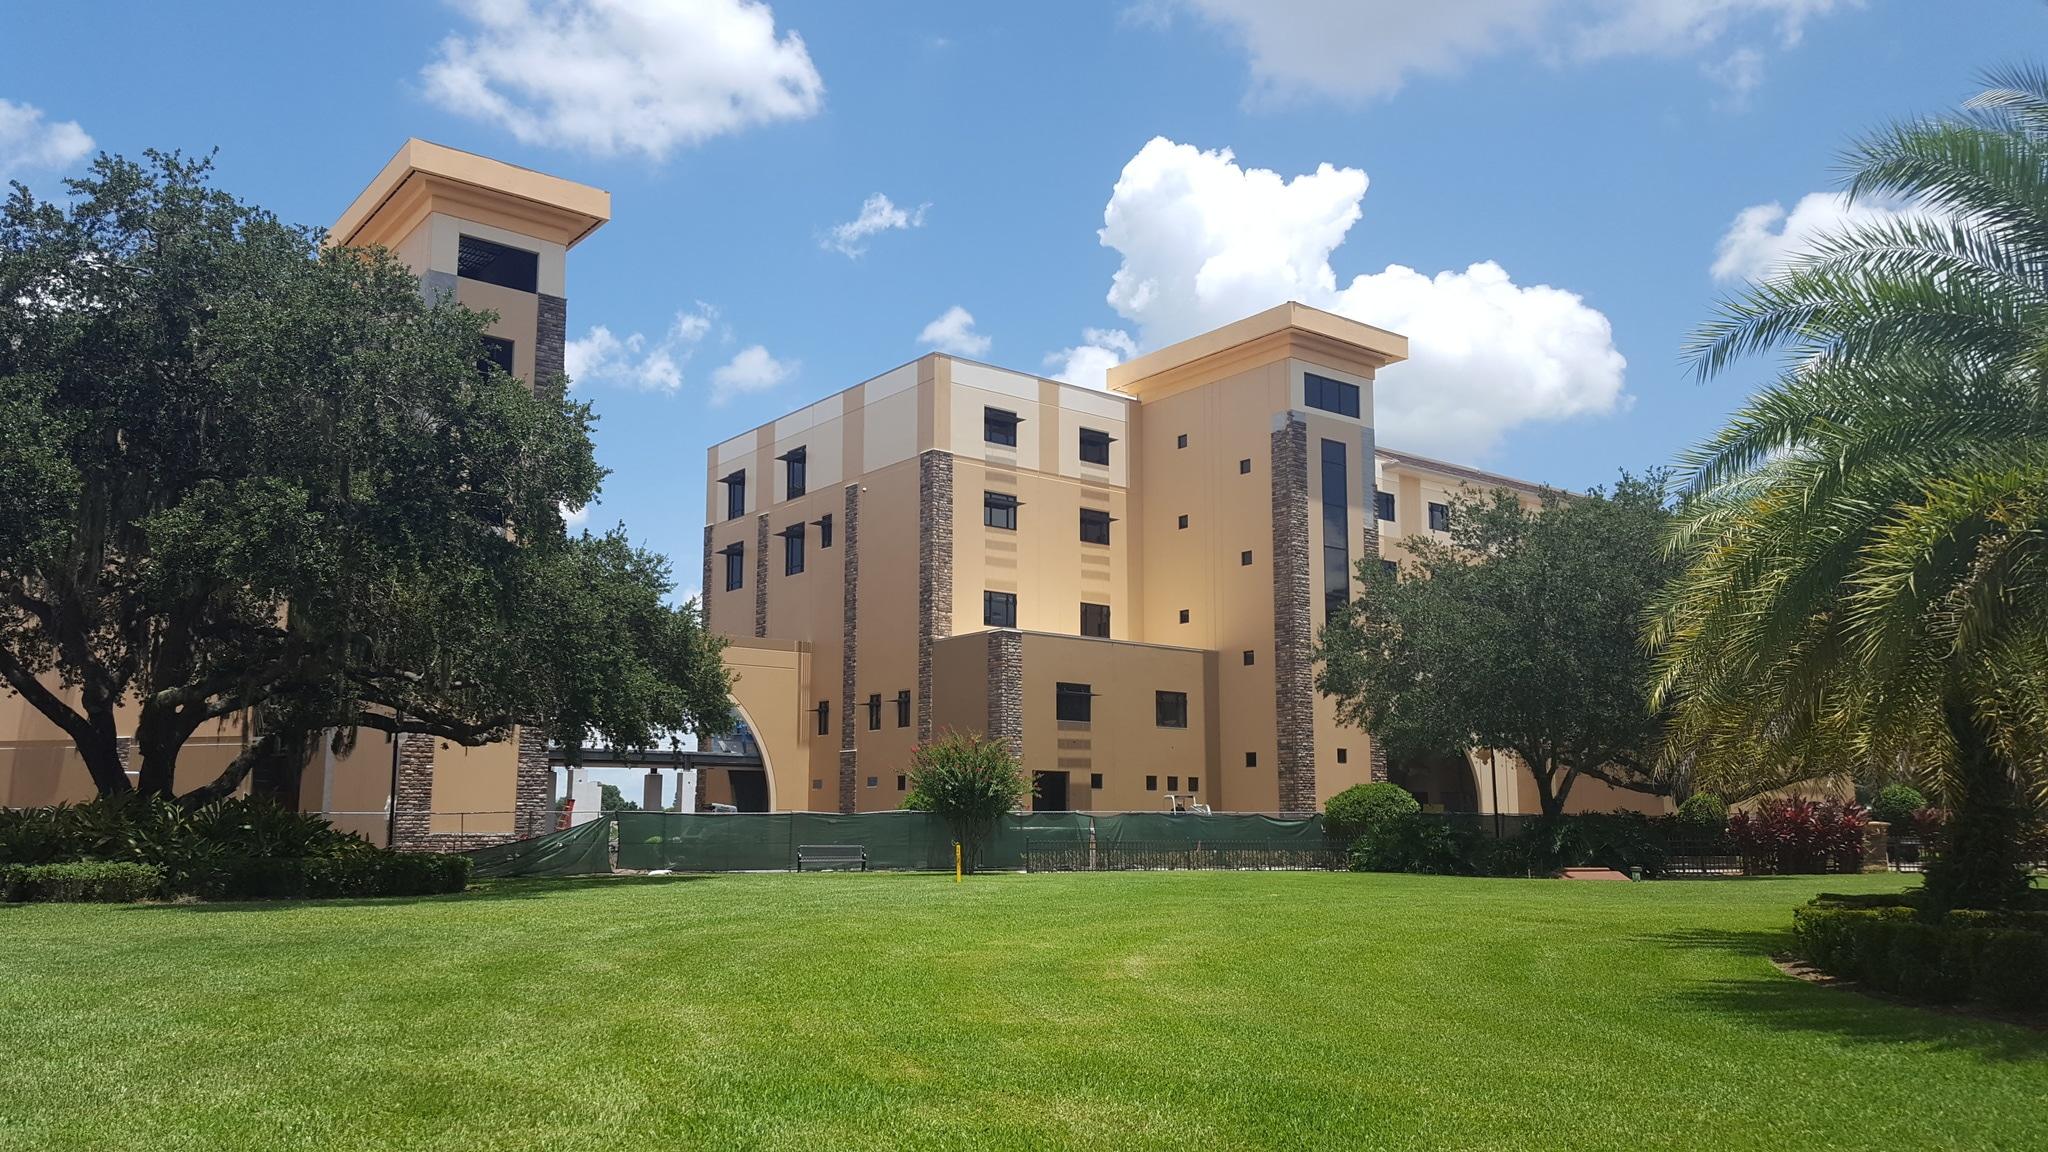 Southeastern University Buena Vida Residence Hall Nujak